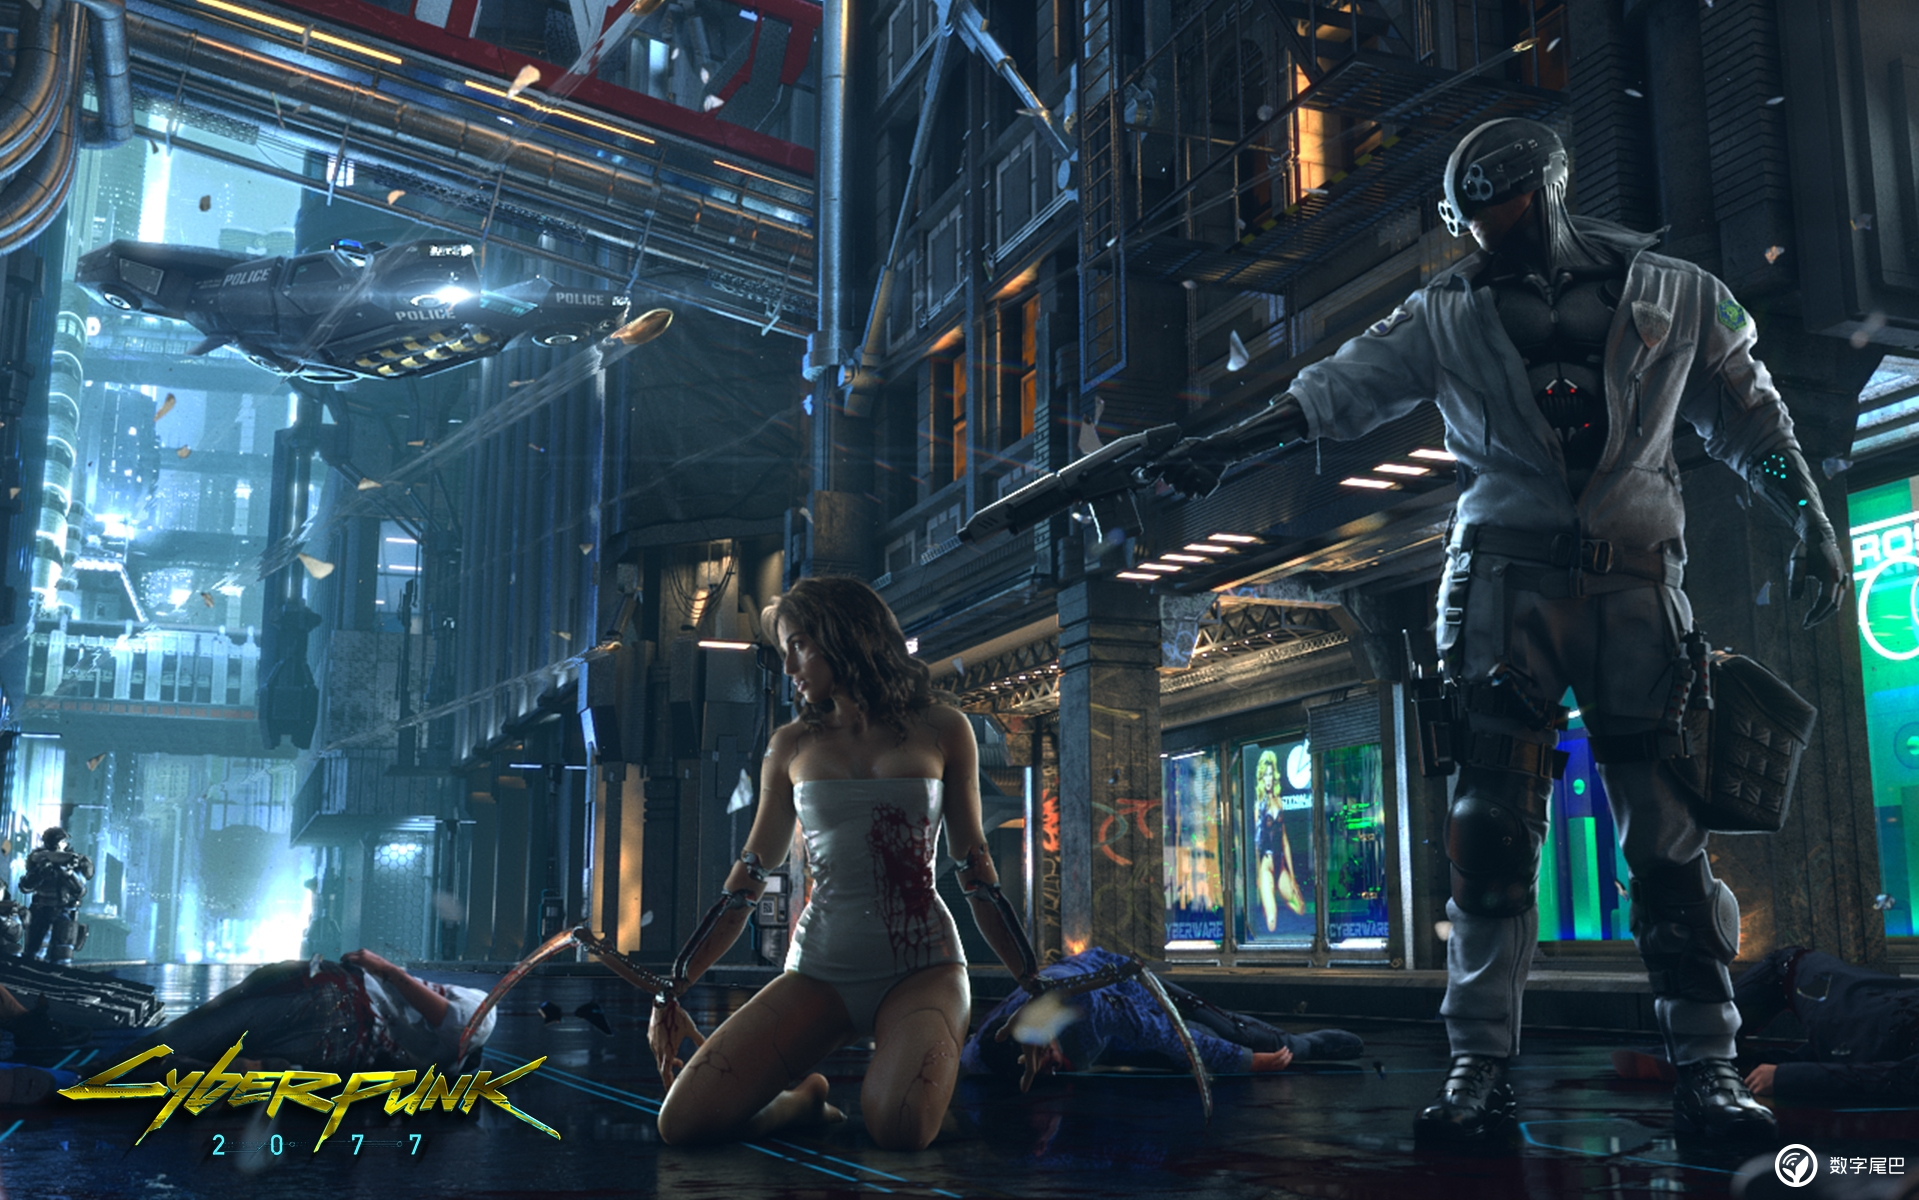 详细介绍今日新开传的科幻高爆版游戏